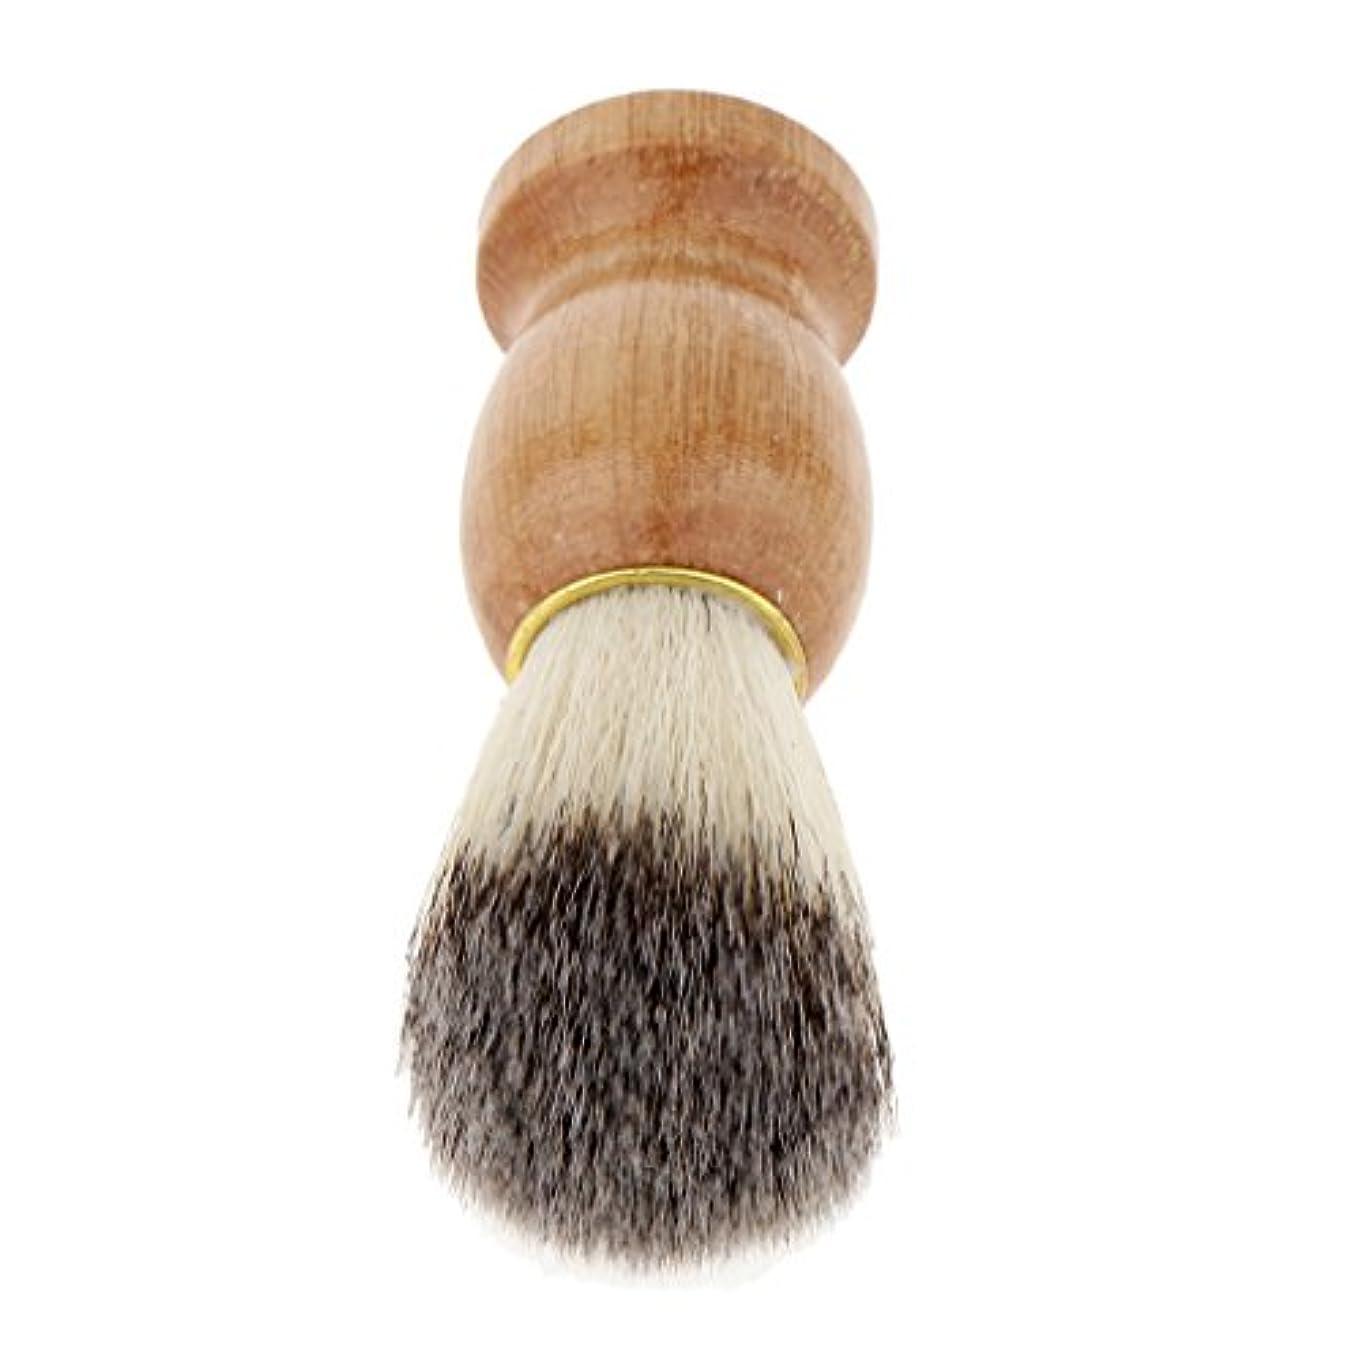 しつけかどうかデジタルHomyl シェービングブラシ ひげ剃りブラシ 木製ハンドル メンズ プレゼント 快適